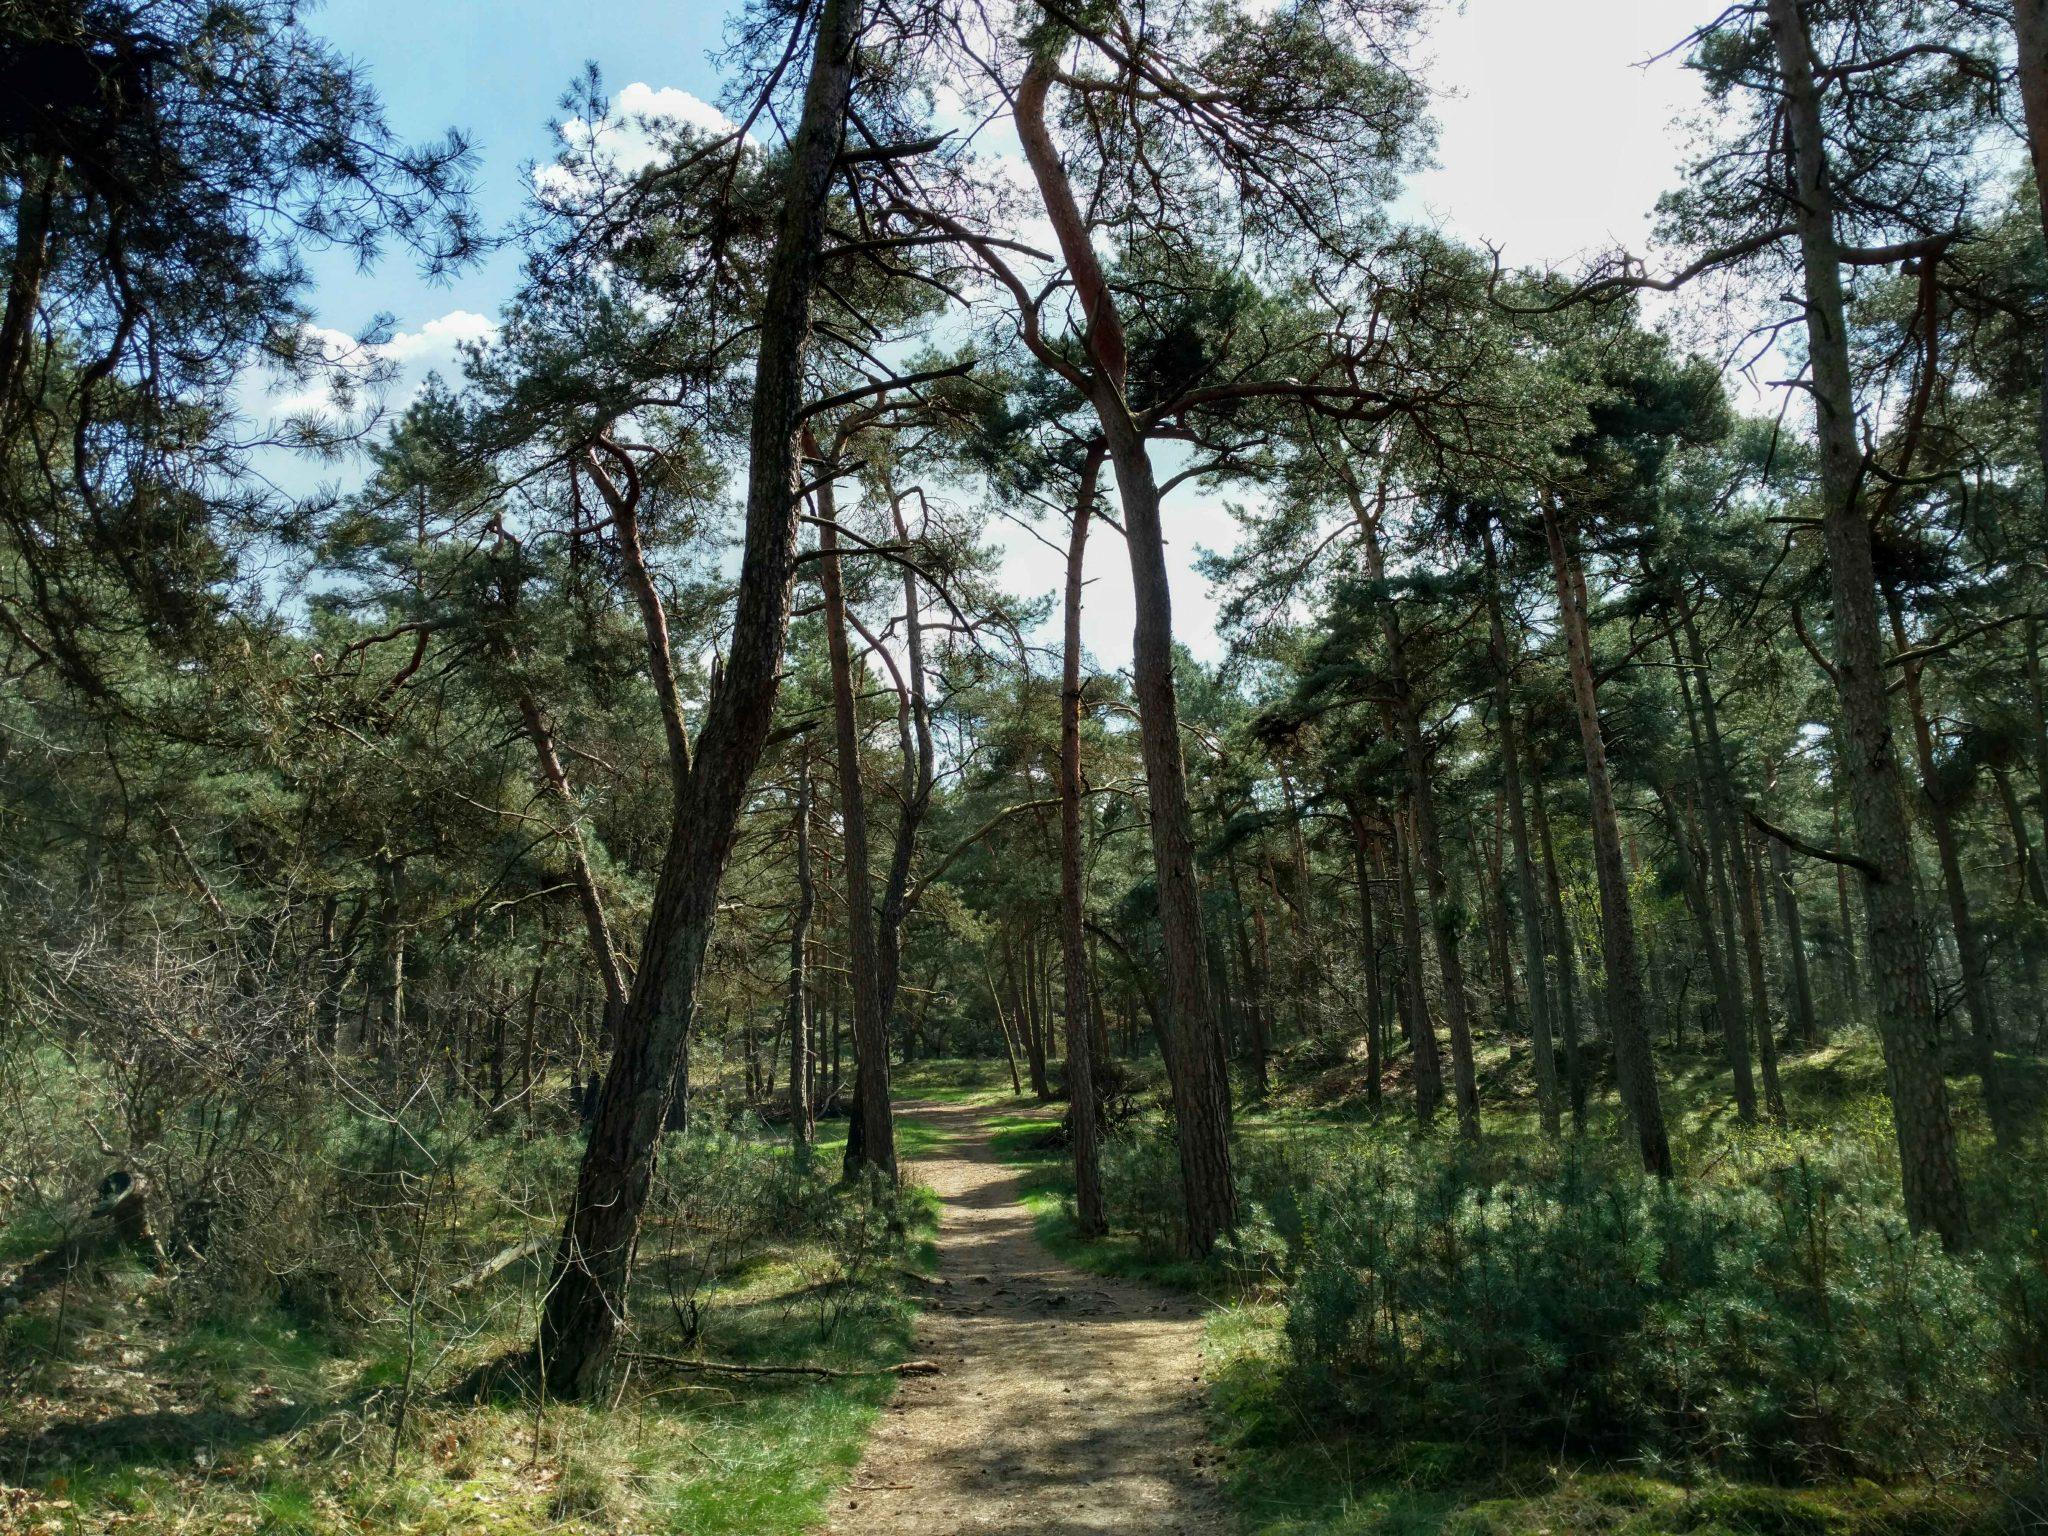 Natuur_in_nederland_pelgrimspad